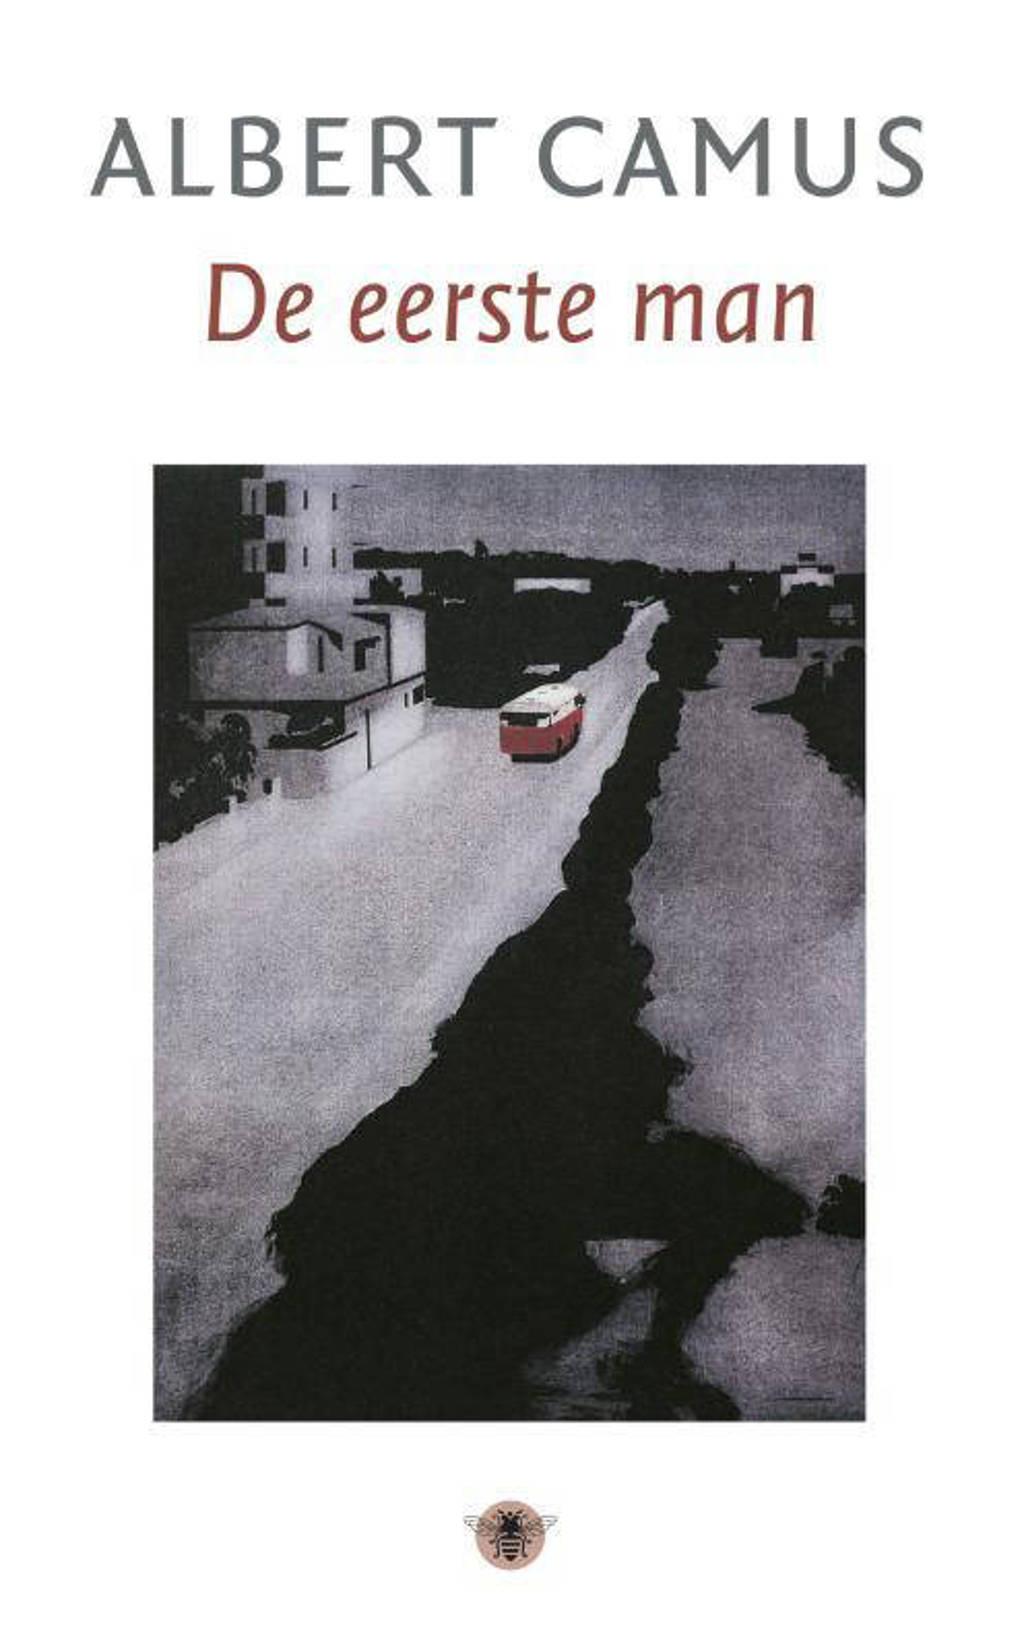 De eerste man - Albert Camus